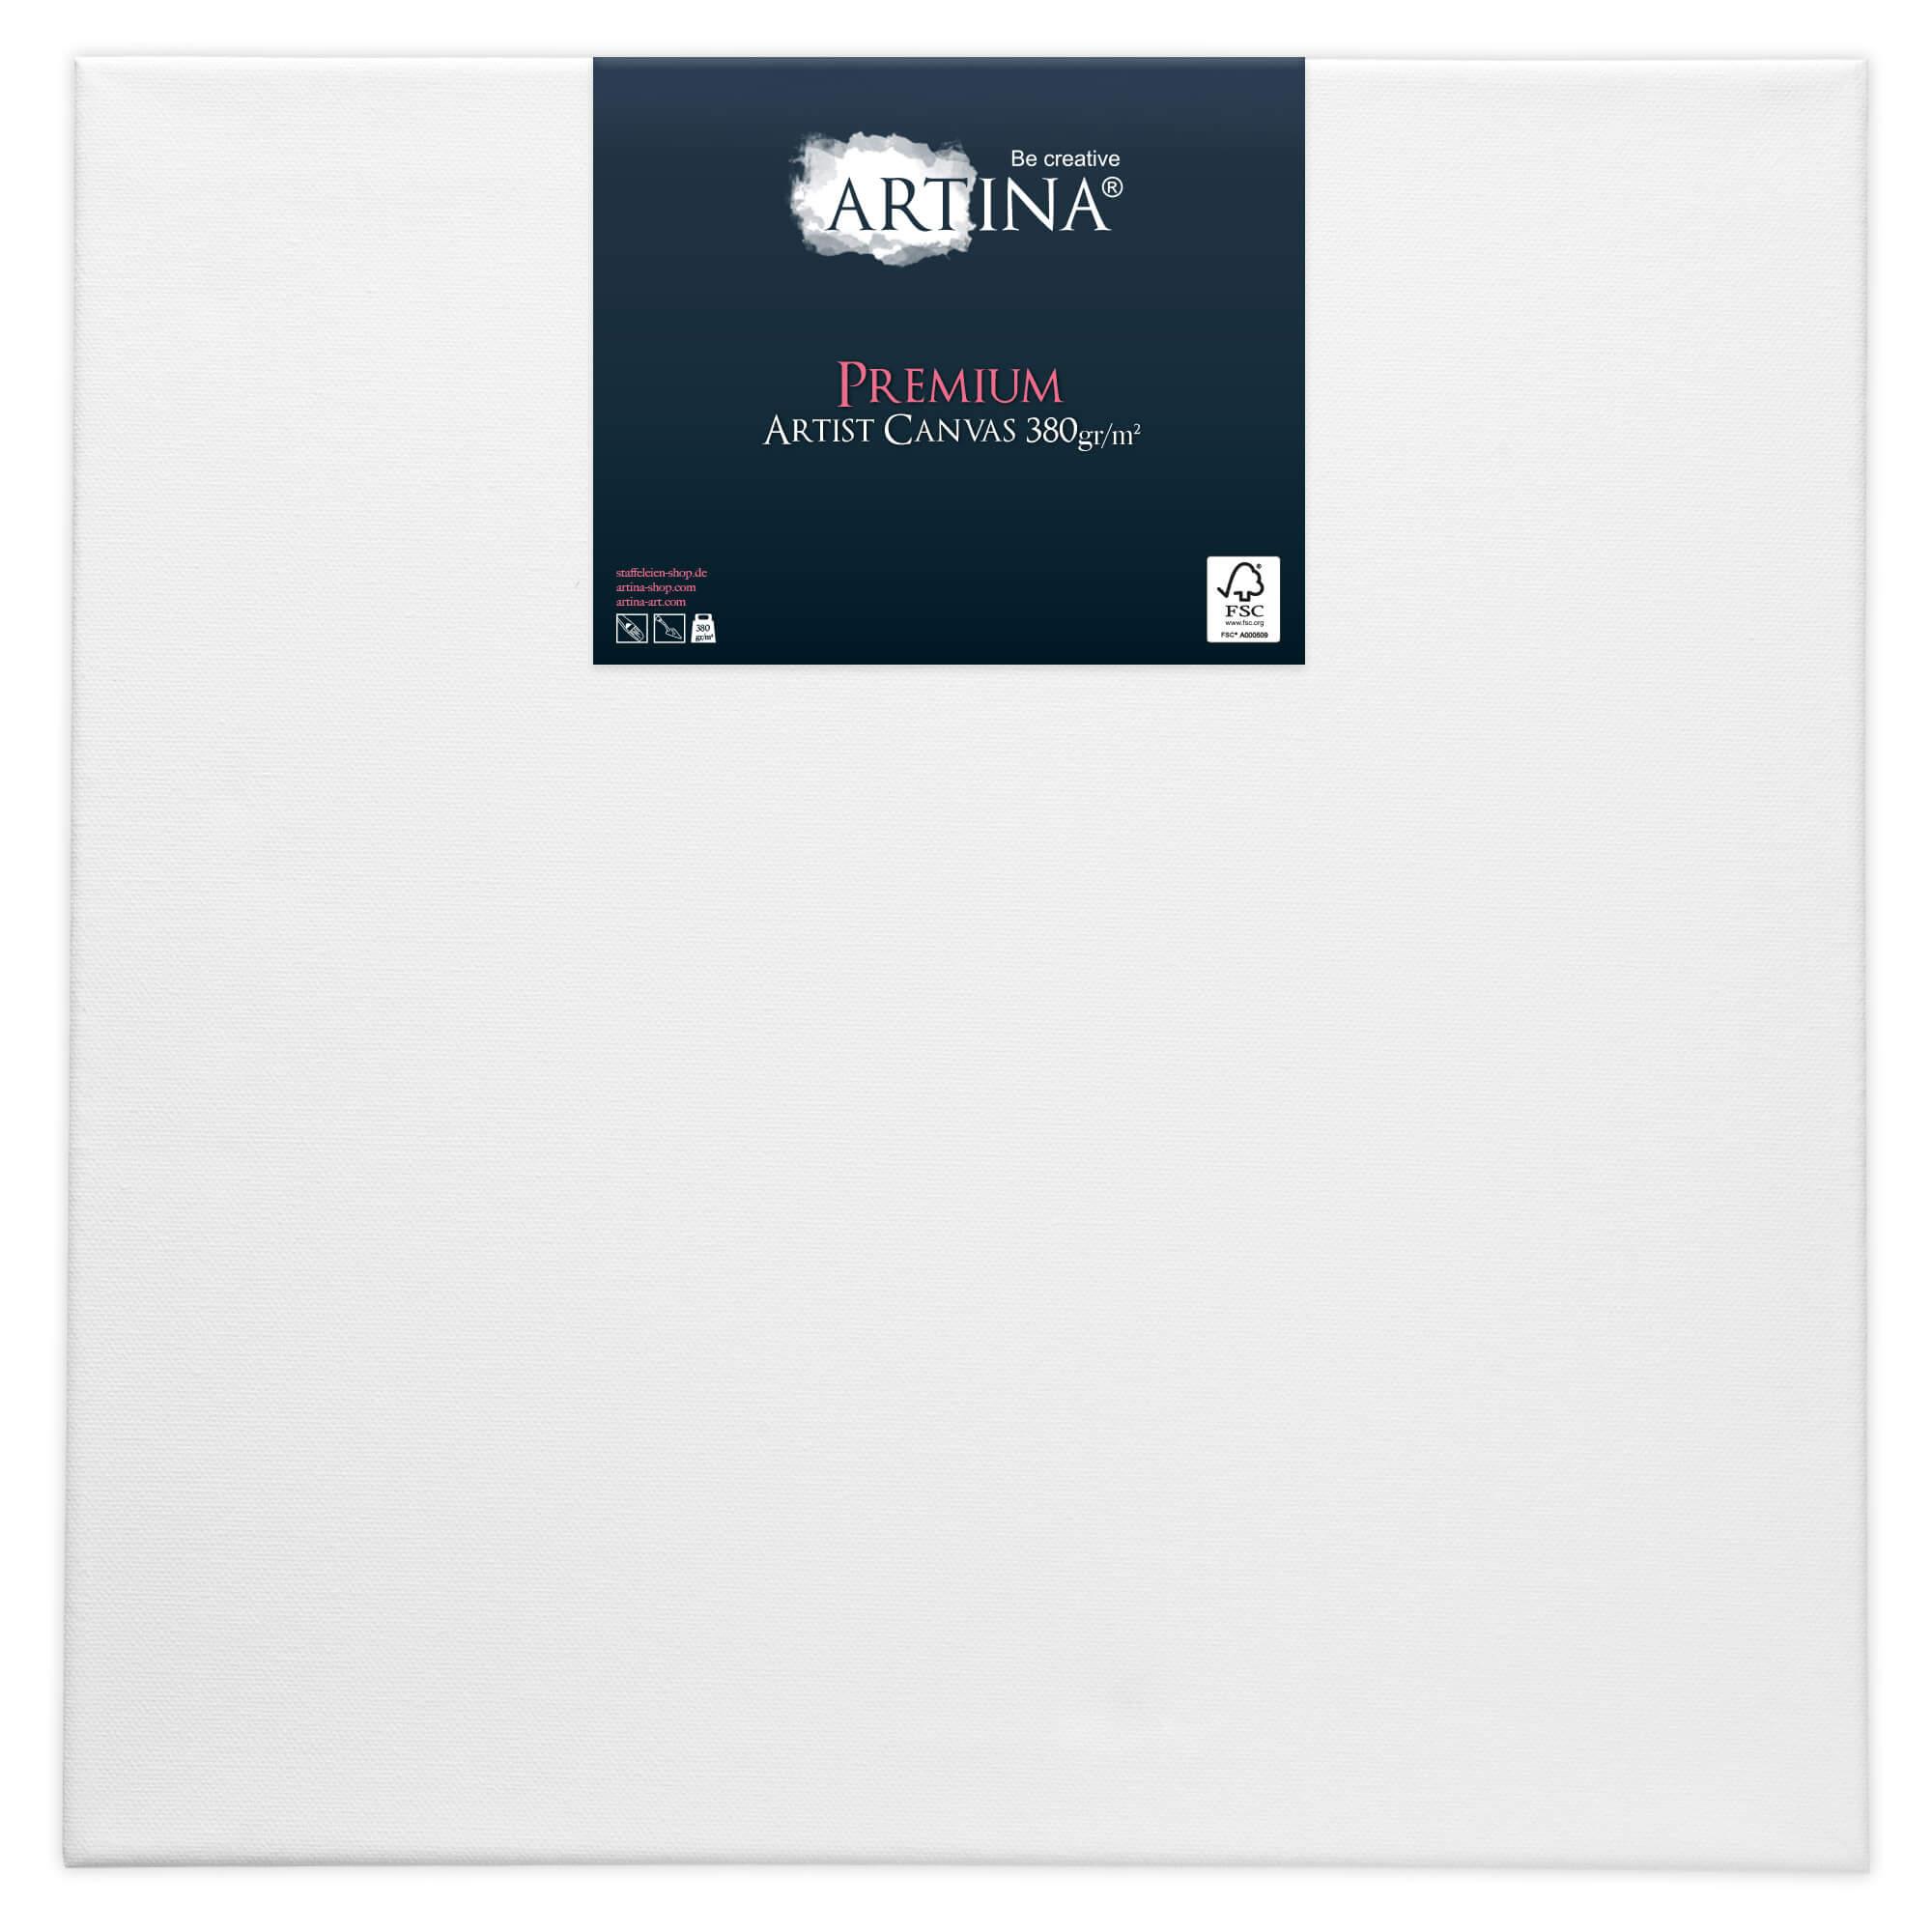 Artina 3D Premium 380g/m² Leinwand auf Keilrahmen - div Größen